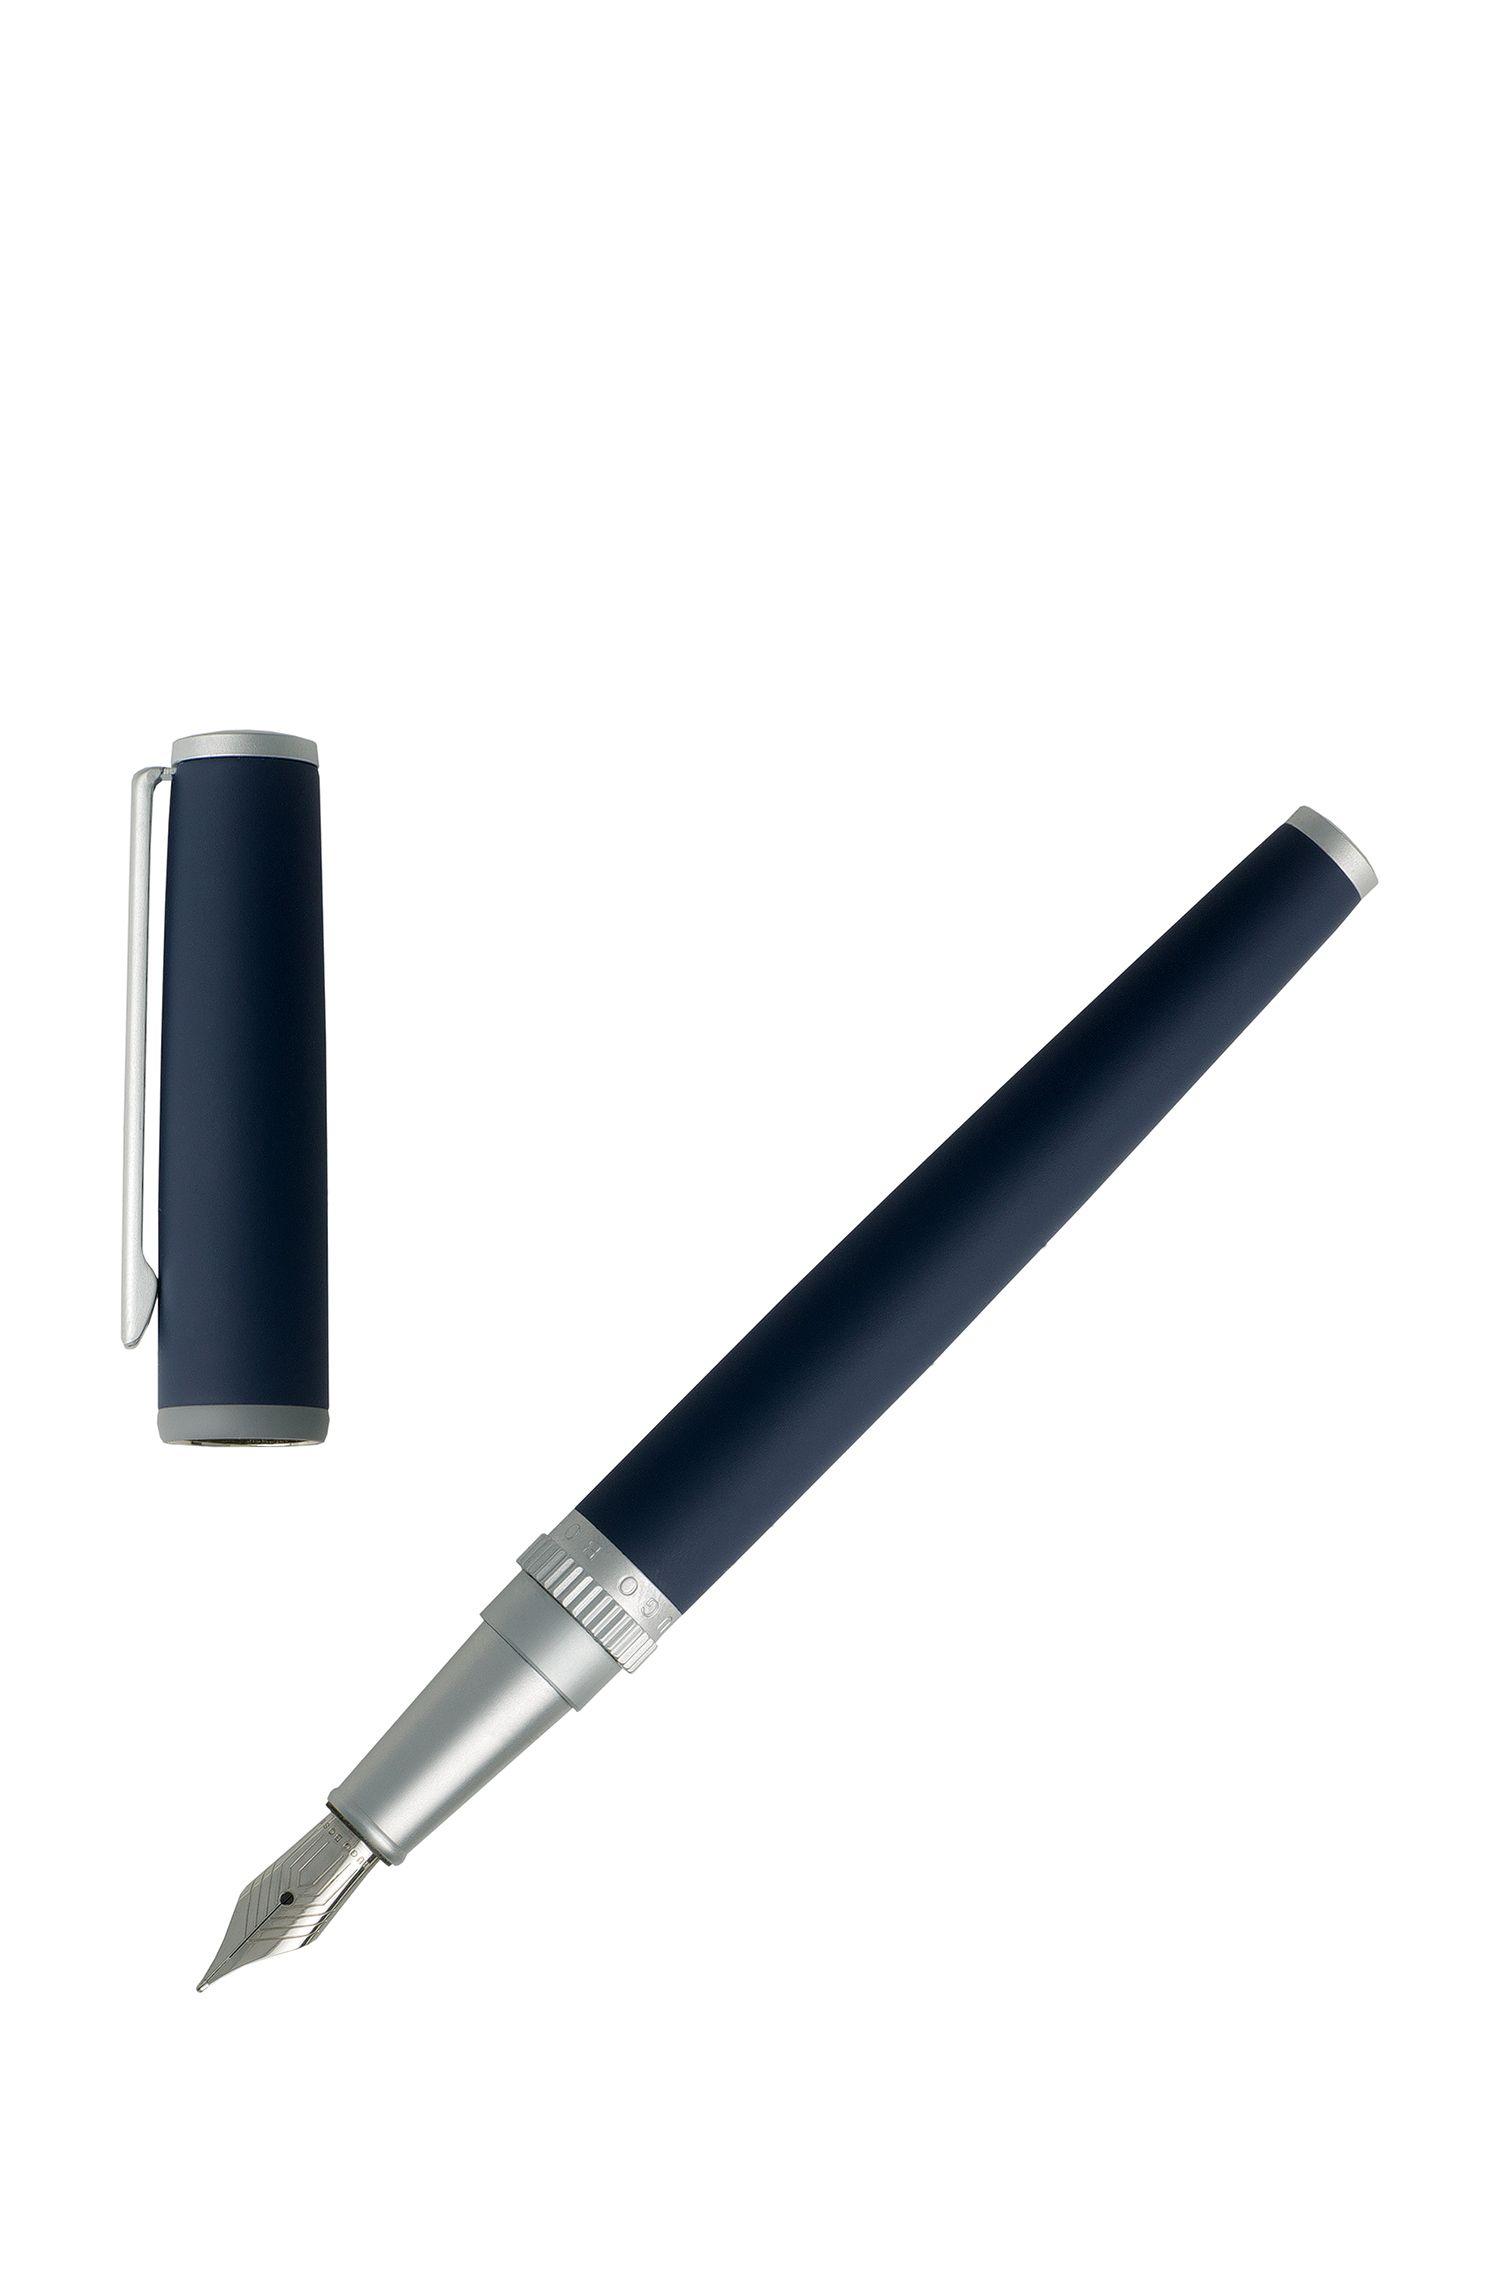 Füllfederhalter mit mattblauer Lackierung